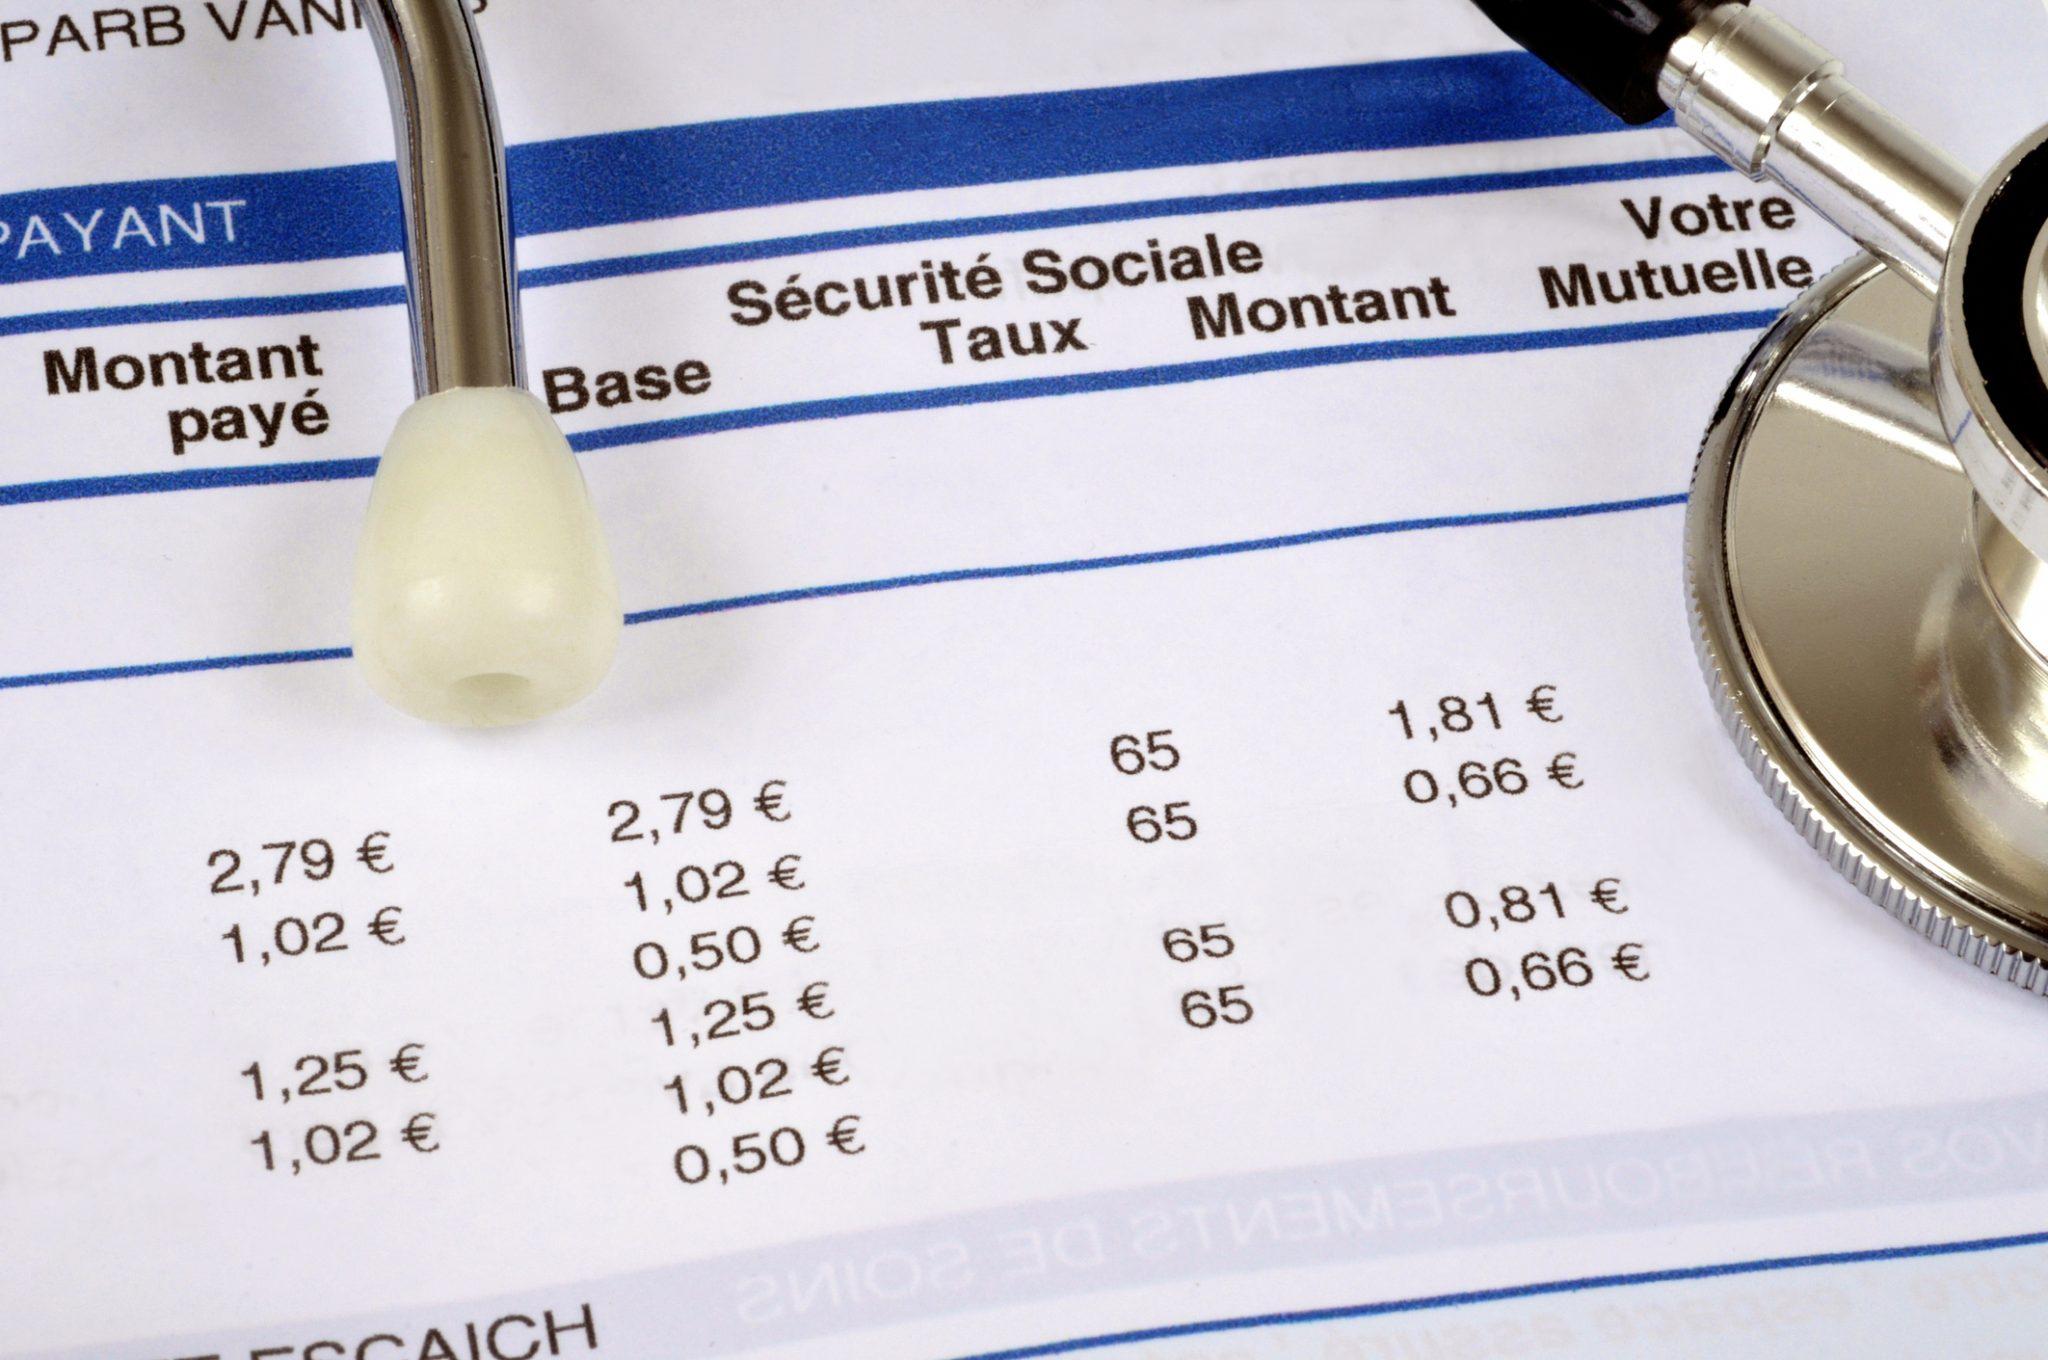 Branche retraite sécurité sociale